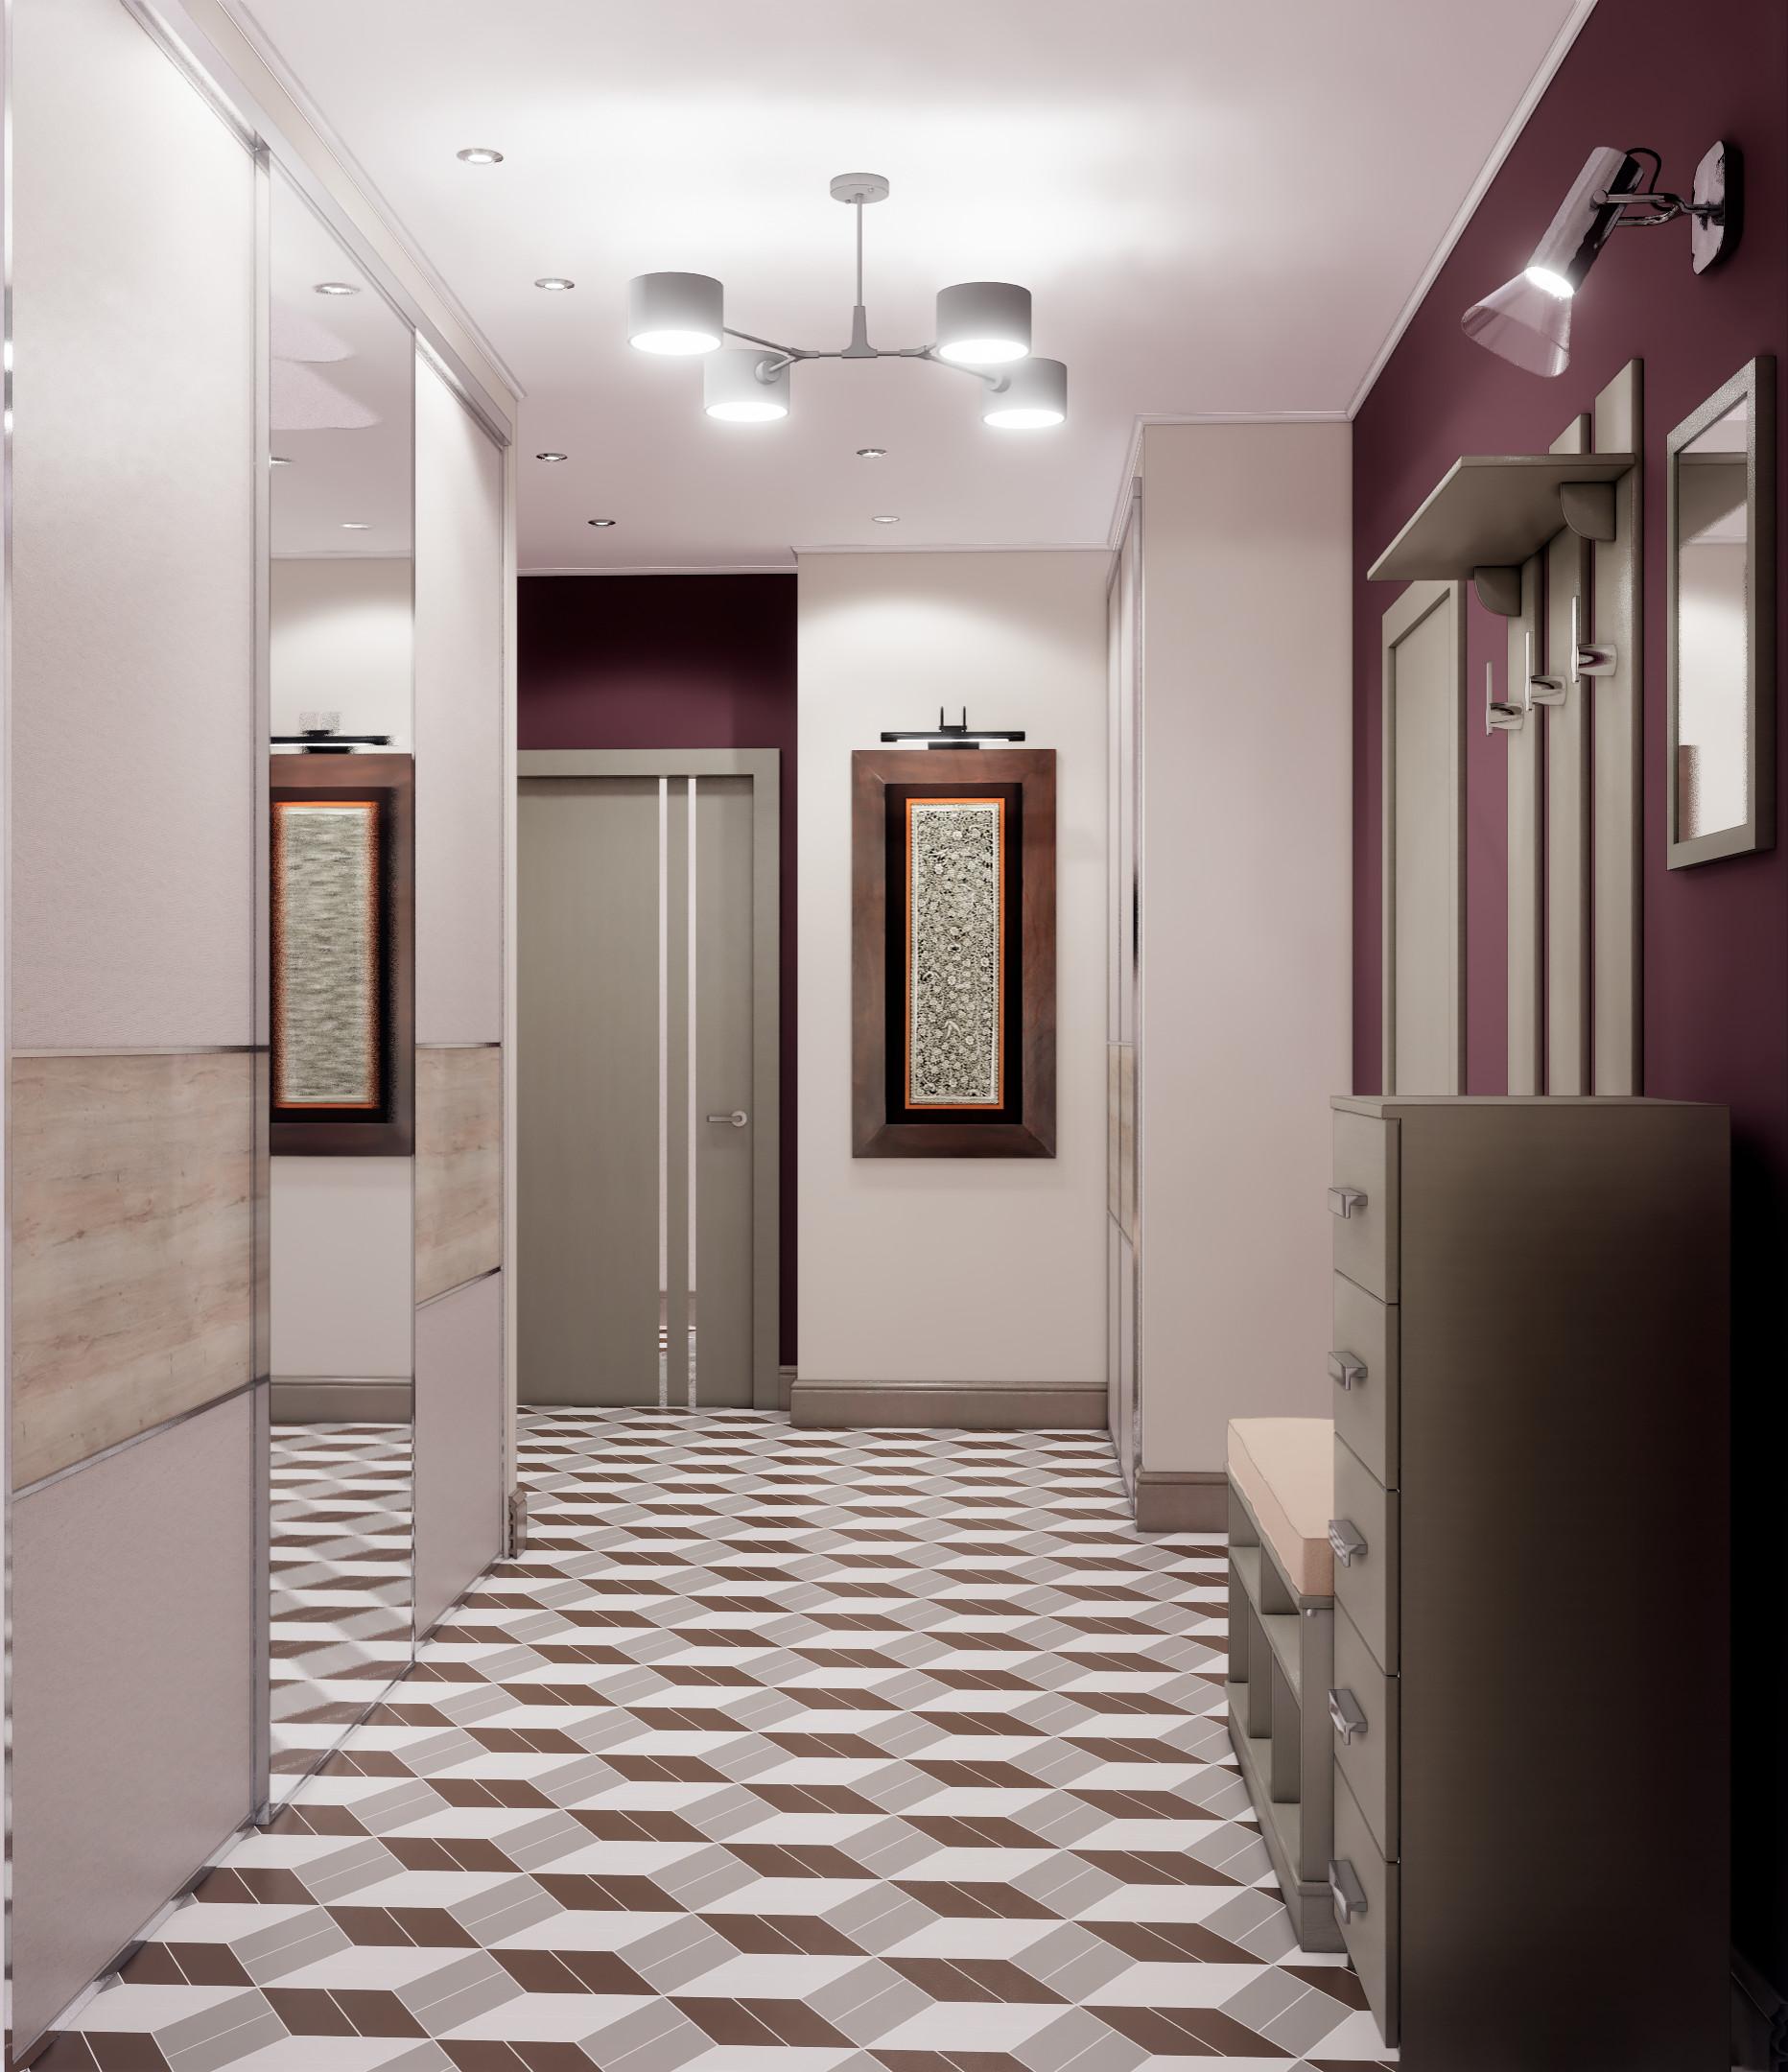 Двухкомнатная квартира в современном стиле в Реутове, 2020